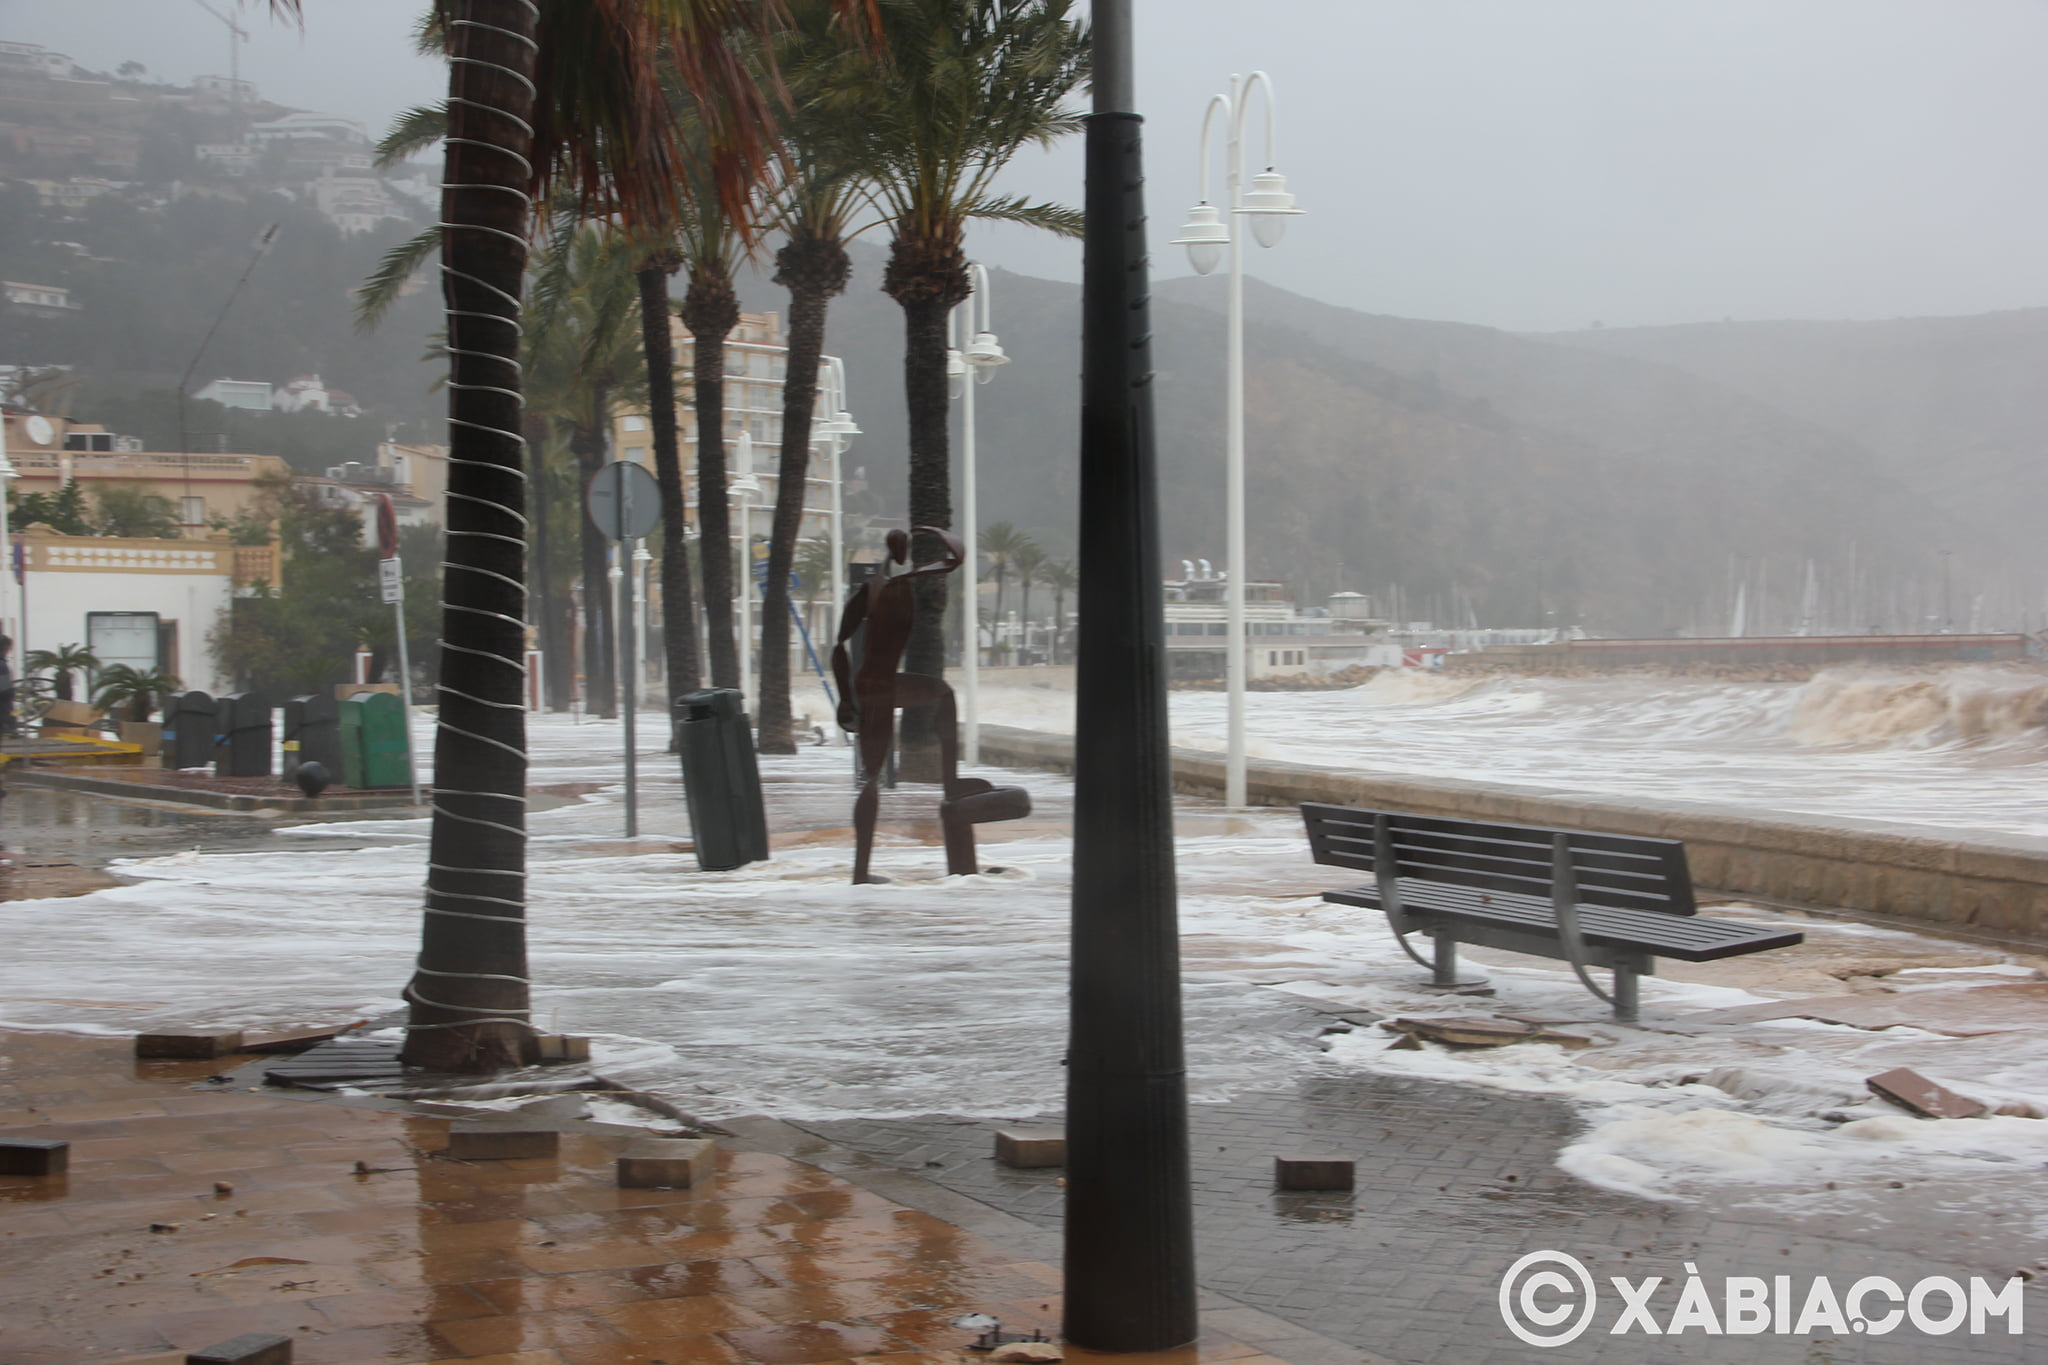 Brandelli di pioggia, vento e mare in Xàbia (53)